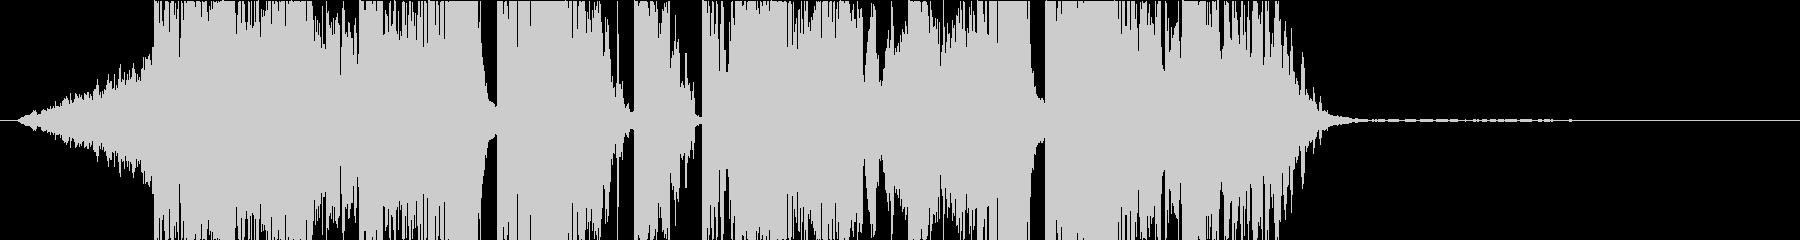 DUBSTEP クール ジングル141の未再生の波形